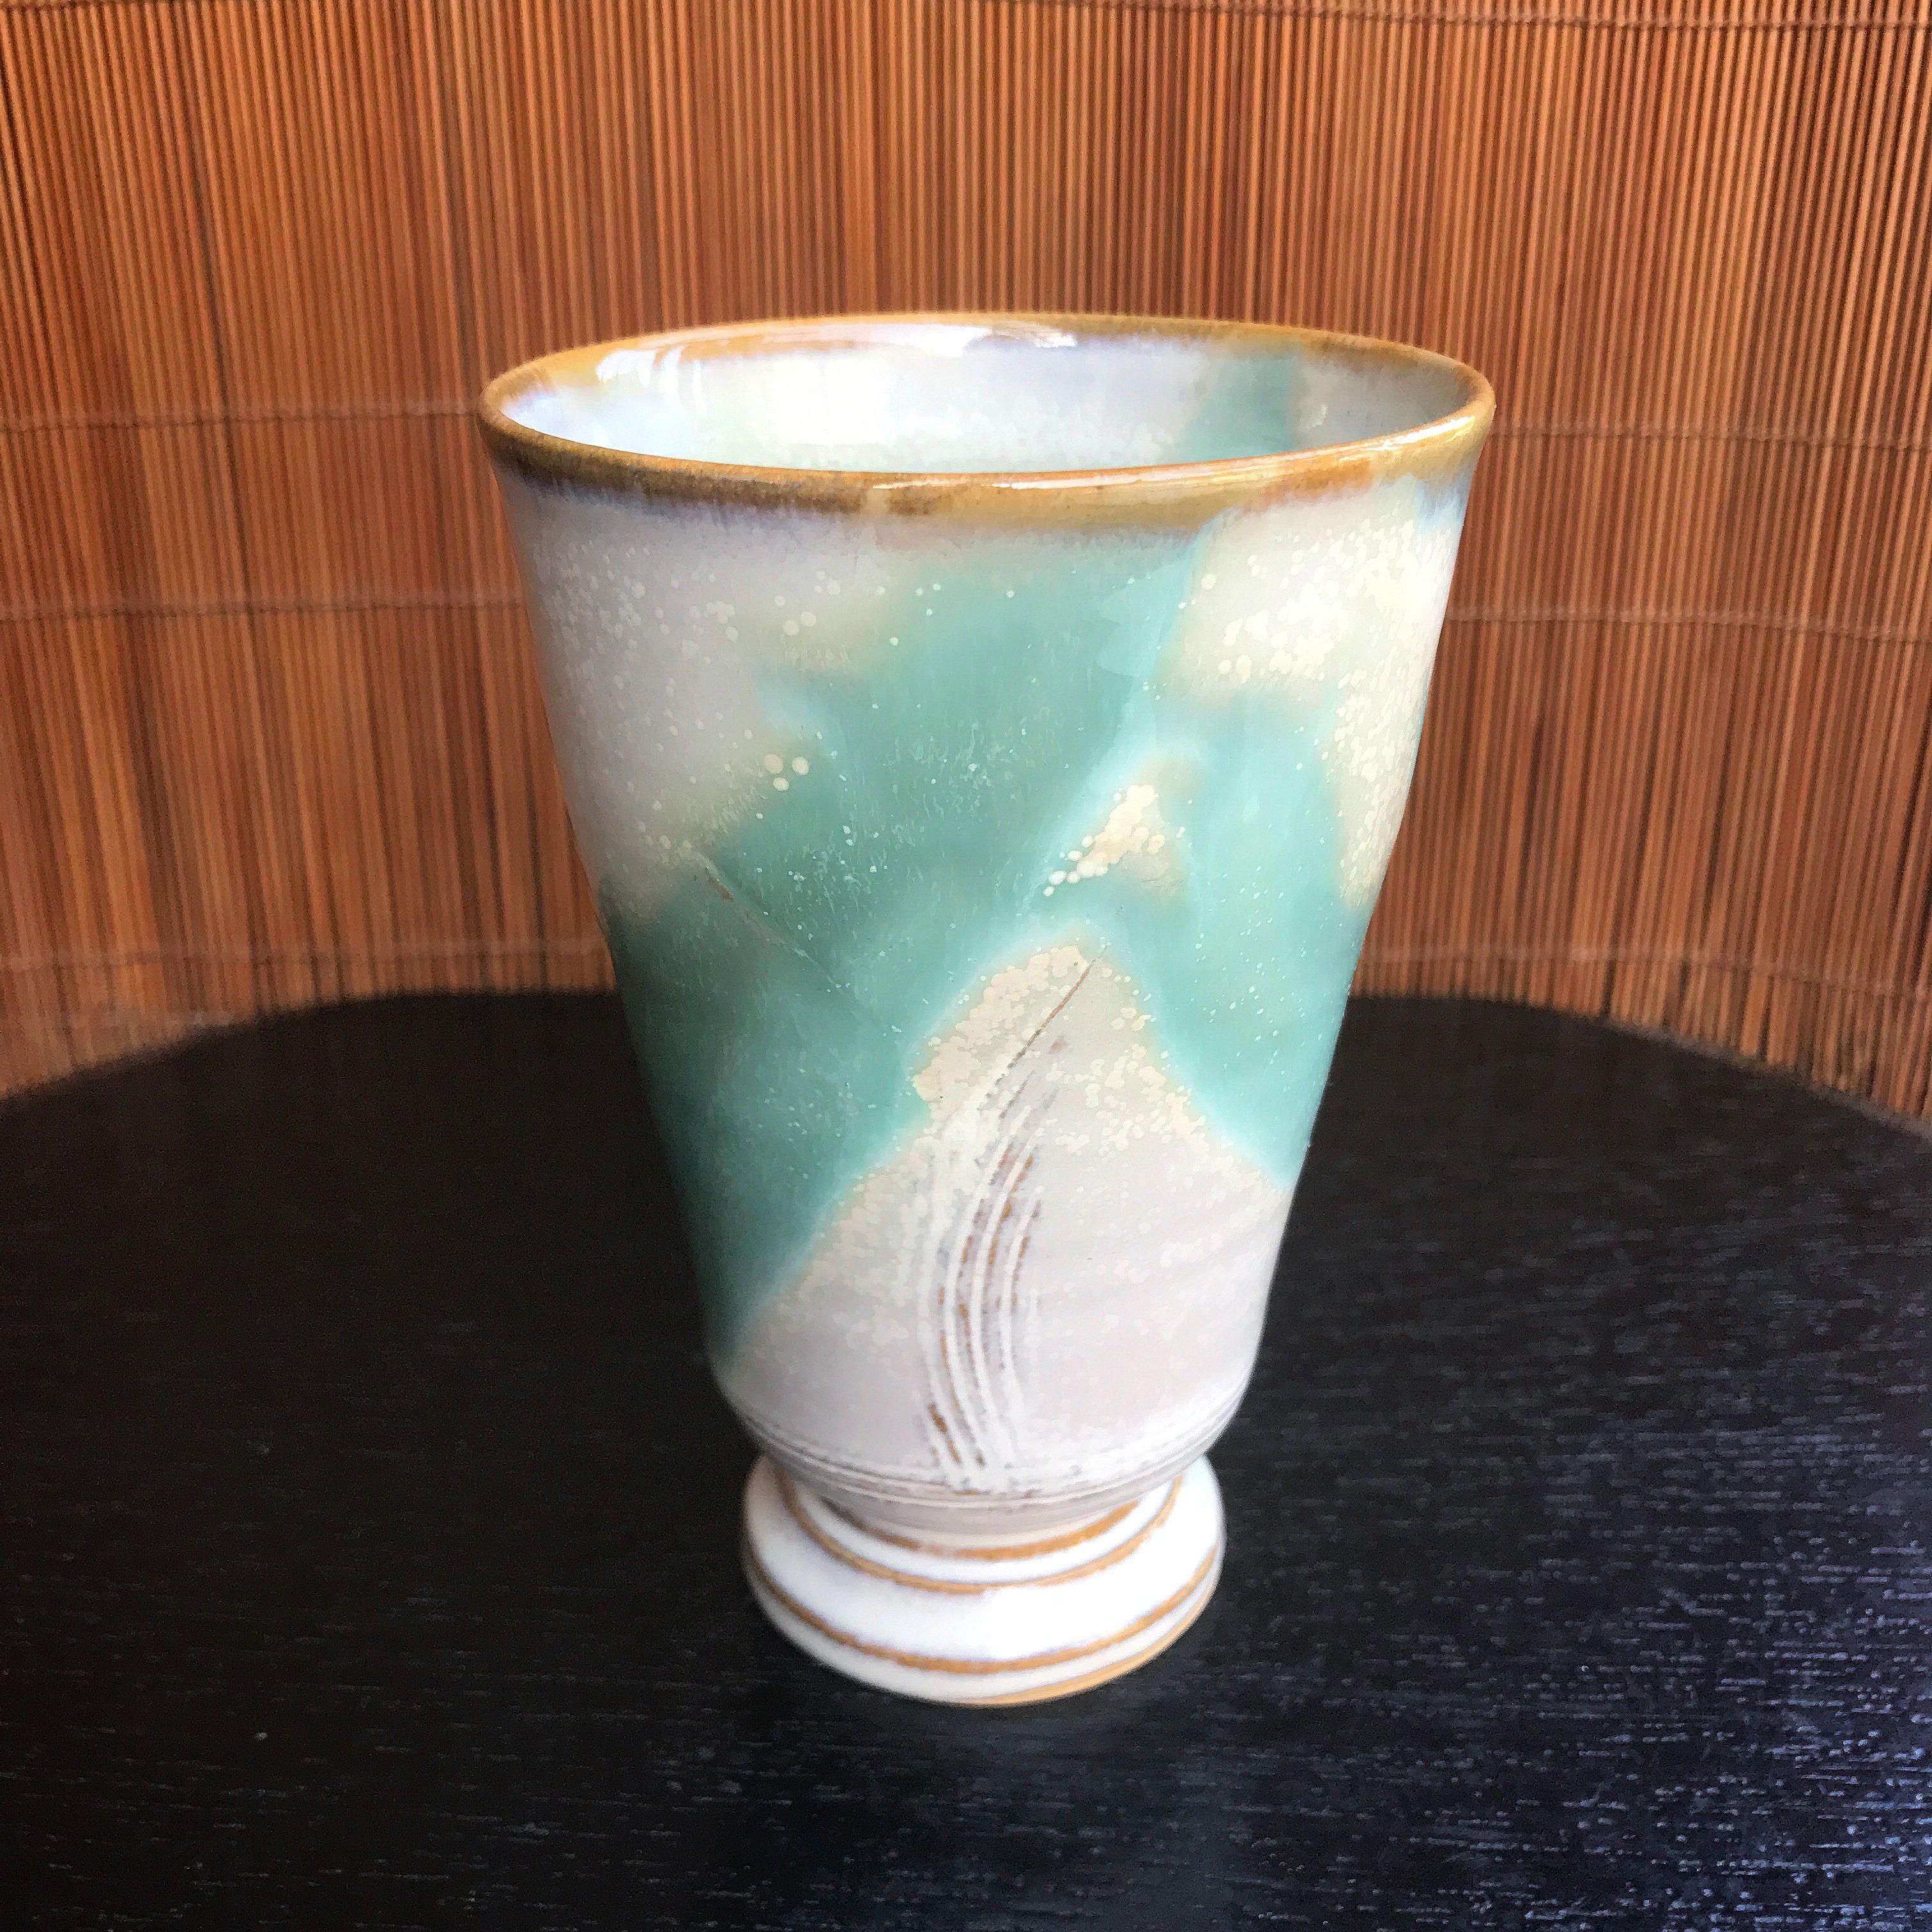 陶器 萩焼 和食器 作家 和モダン カフェ フリーカップ ワイングラス 和グラス マーブル 緑 小田光治